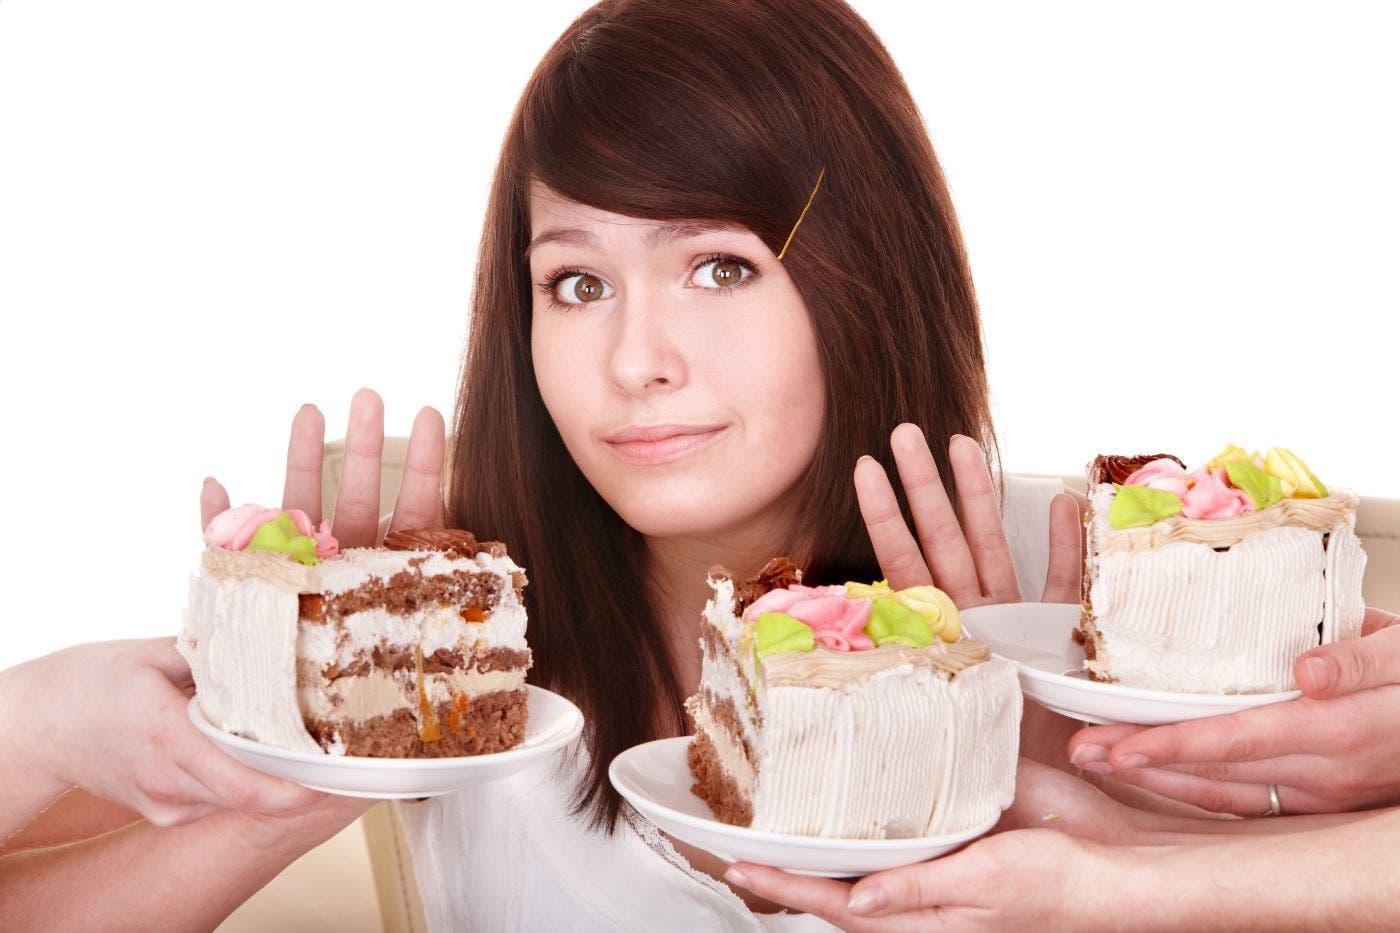 Как перестать есть сладкое – советы и рекомендации психологов